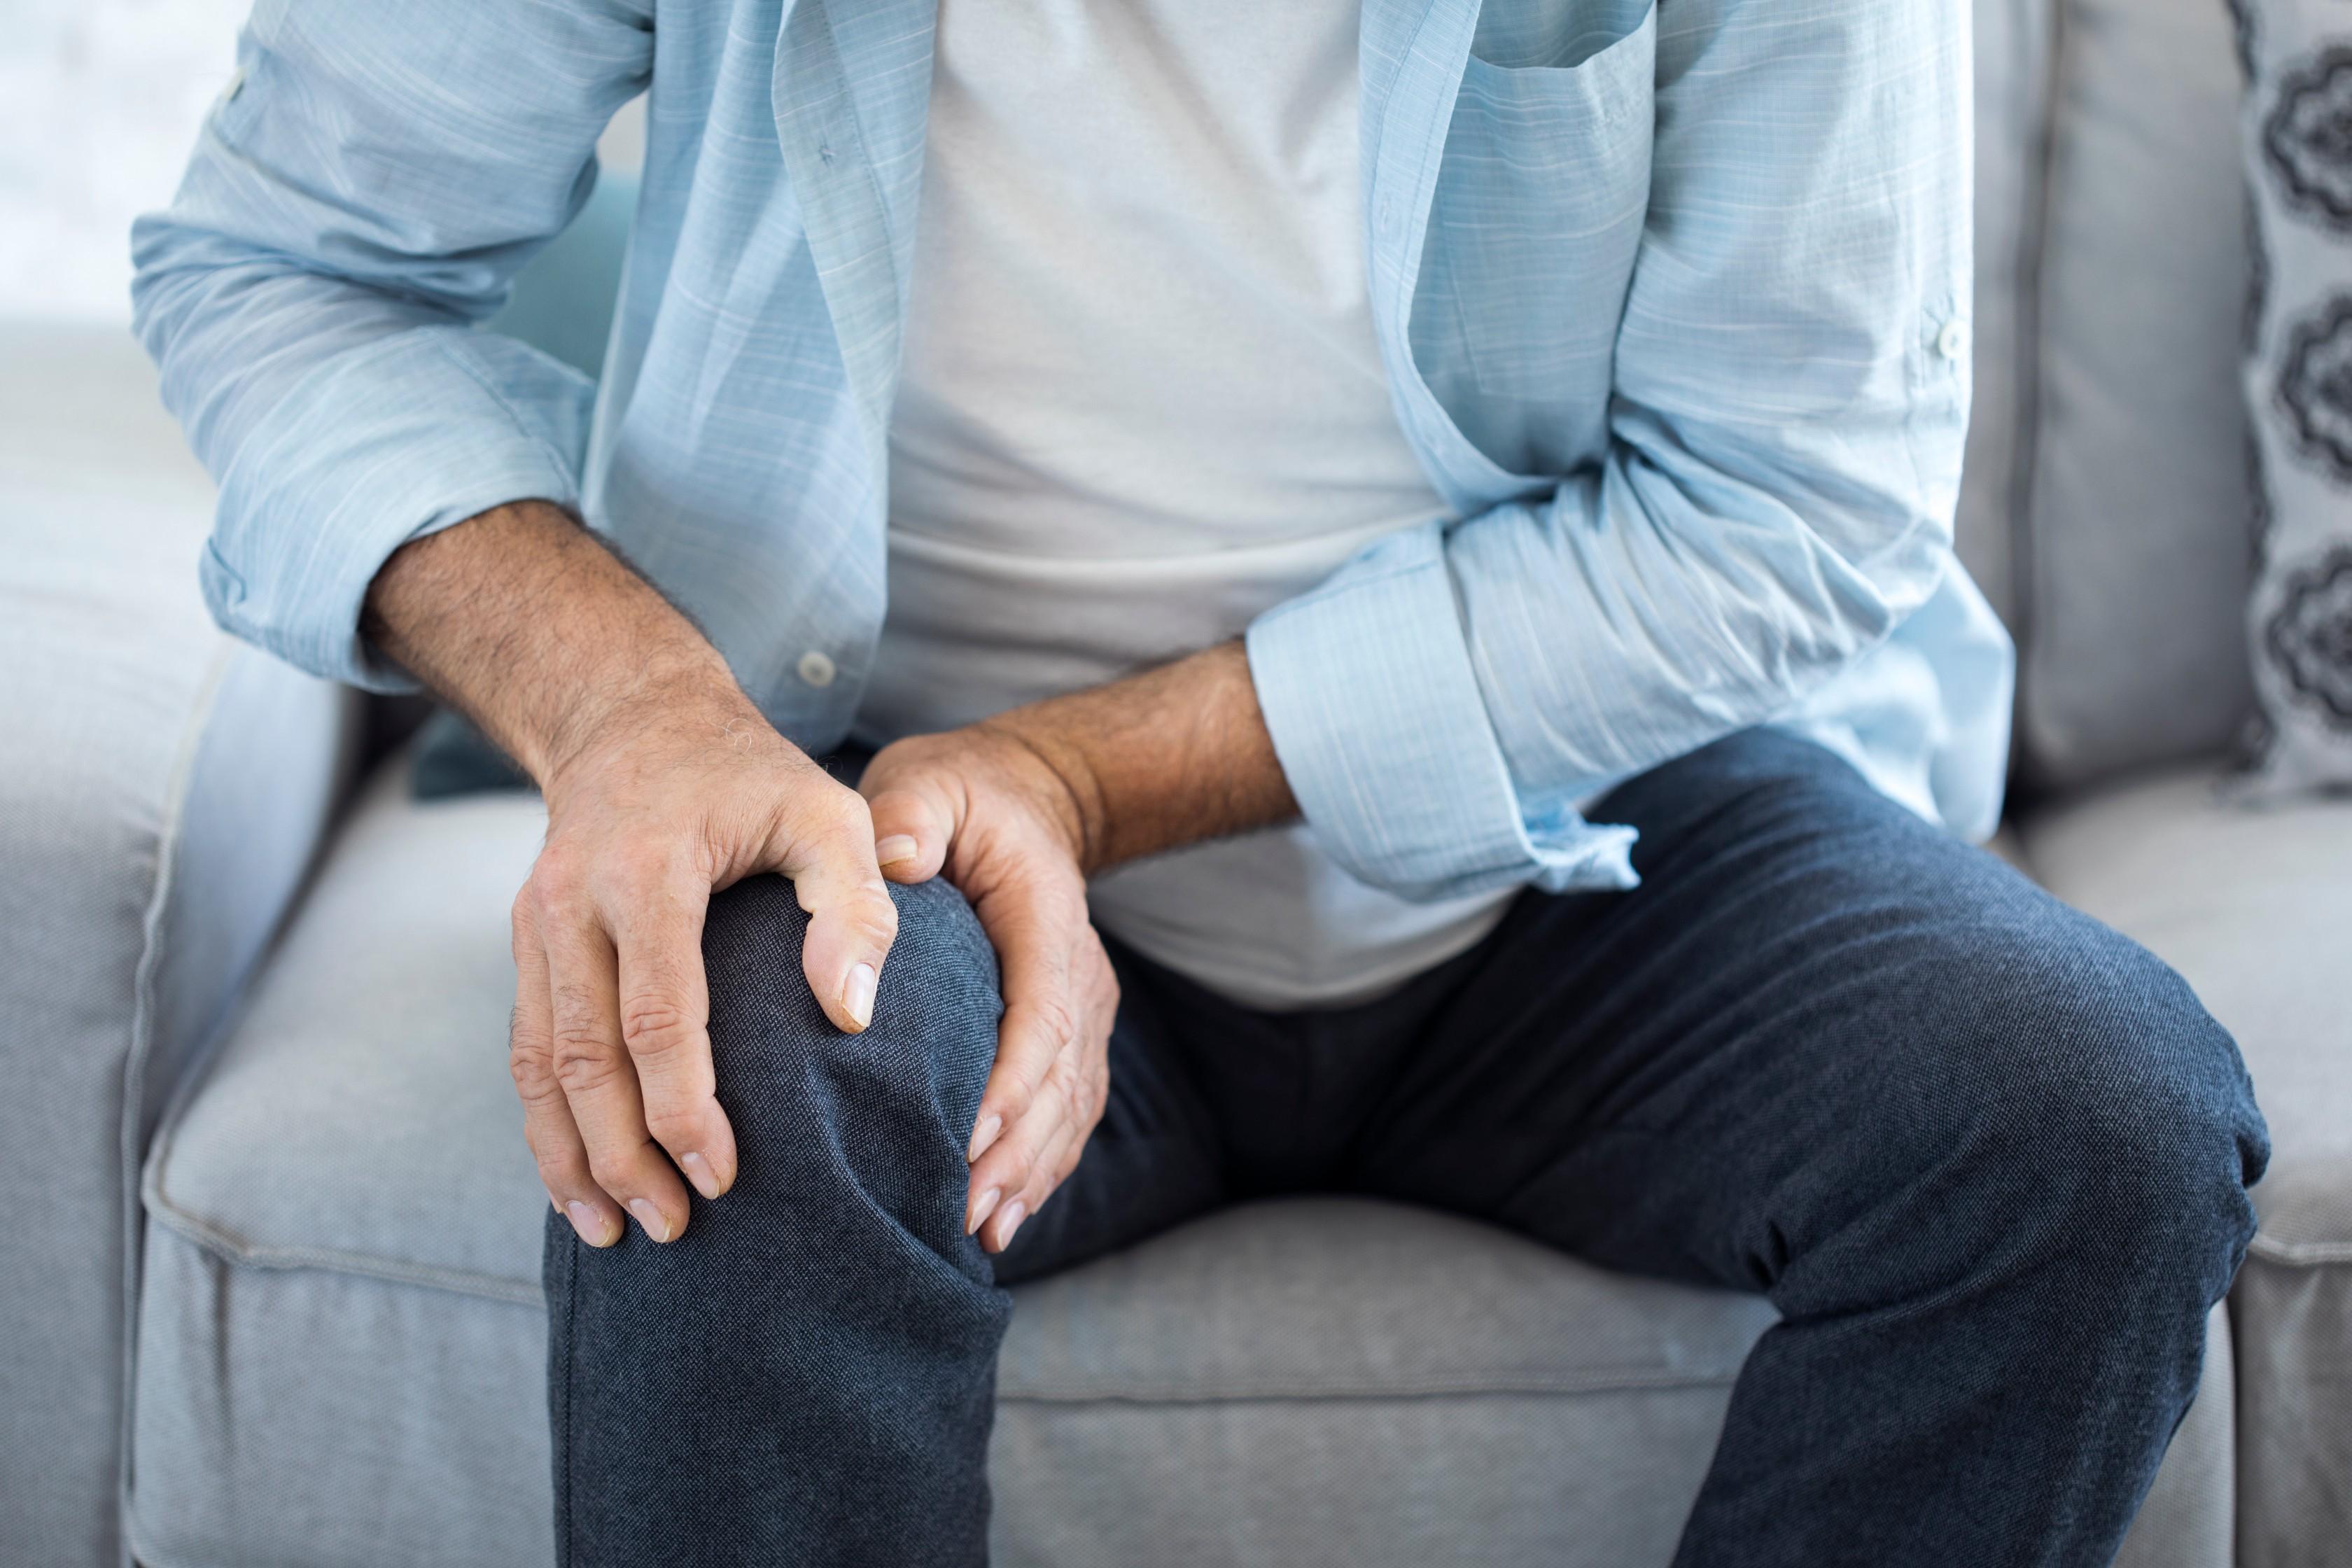 ízületek fájdalma és kezelése